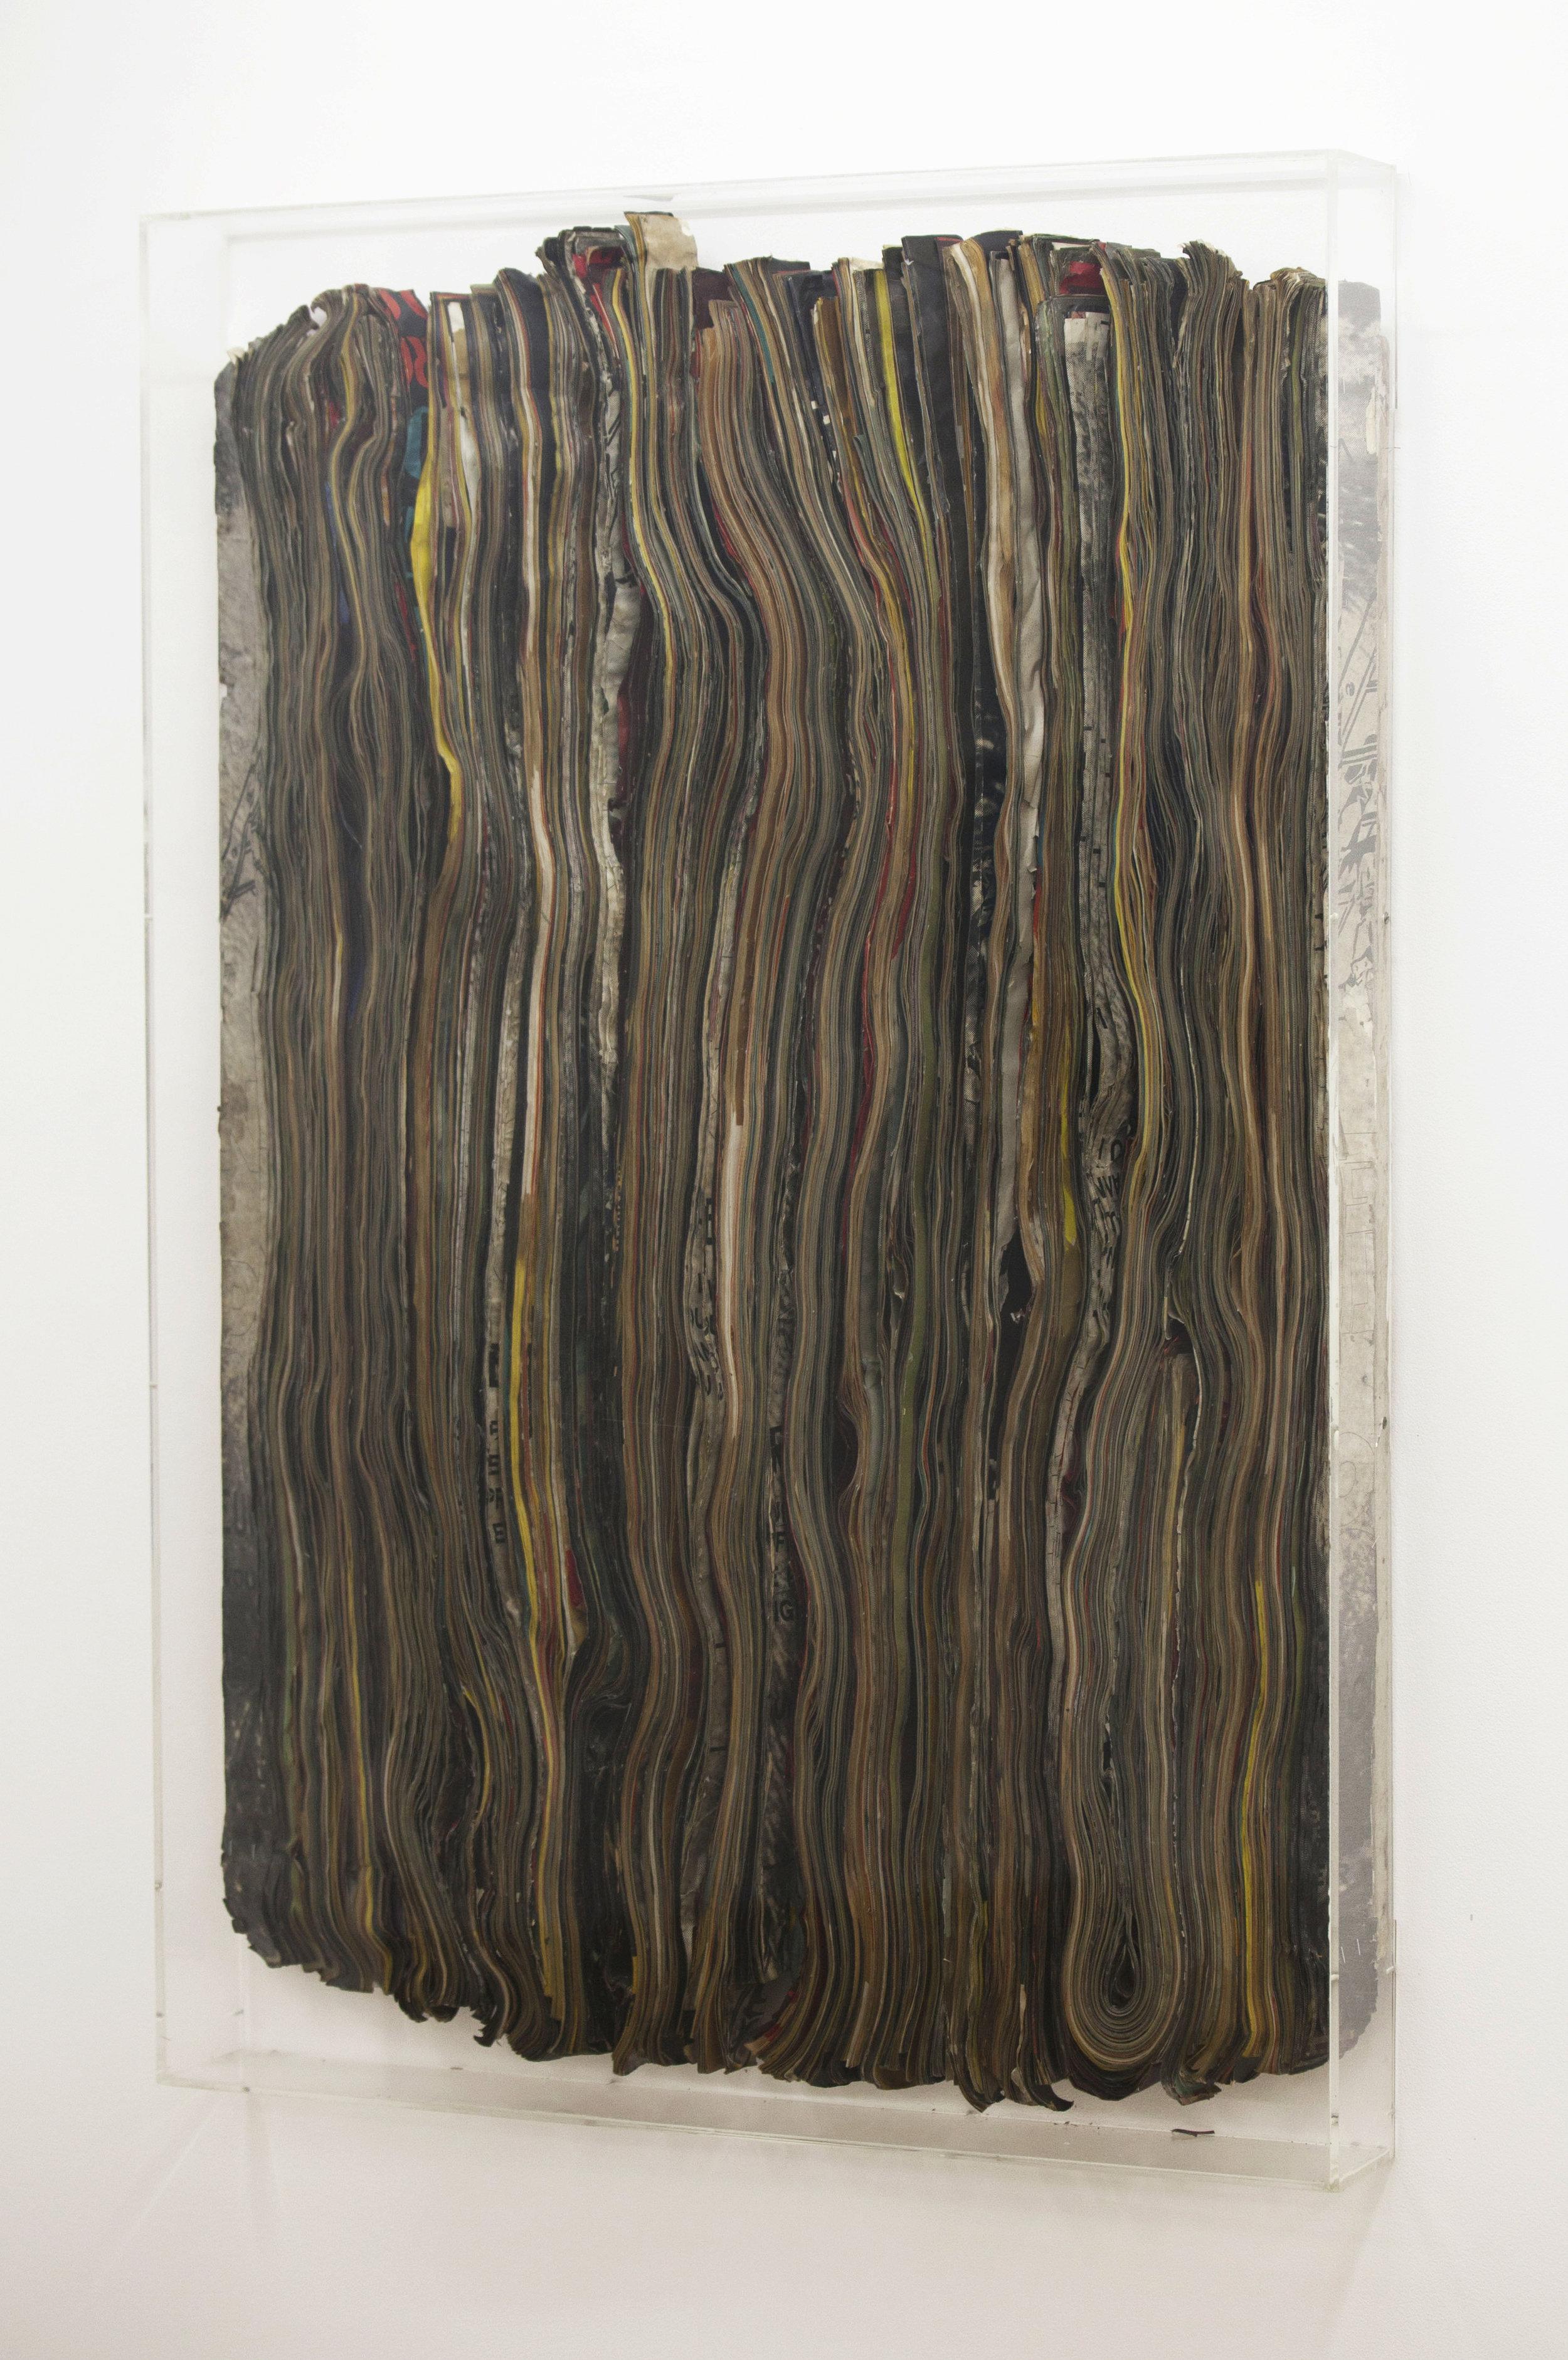 SANS TITRE - Pavlos Dionyssopoulos (1963) - Lés de papier massicoté collés sur toile. Encadrement sous Plexiglas.100 cm x 81 cm. ©Galerie Sobering Photographie (Cécile Gremillet)